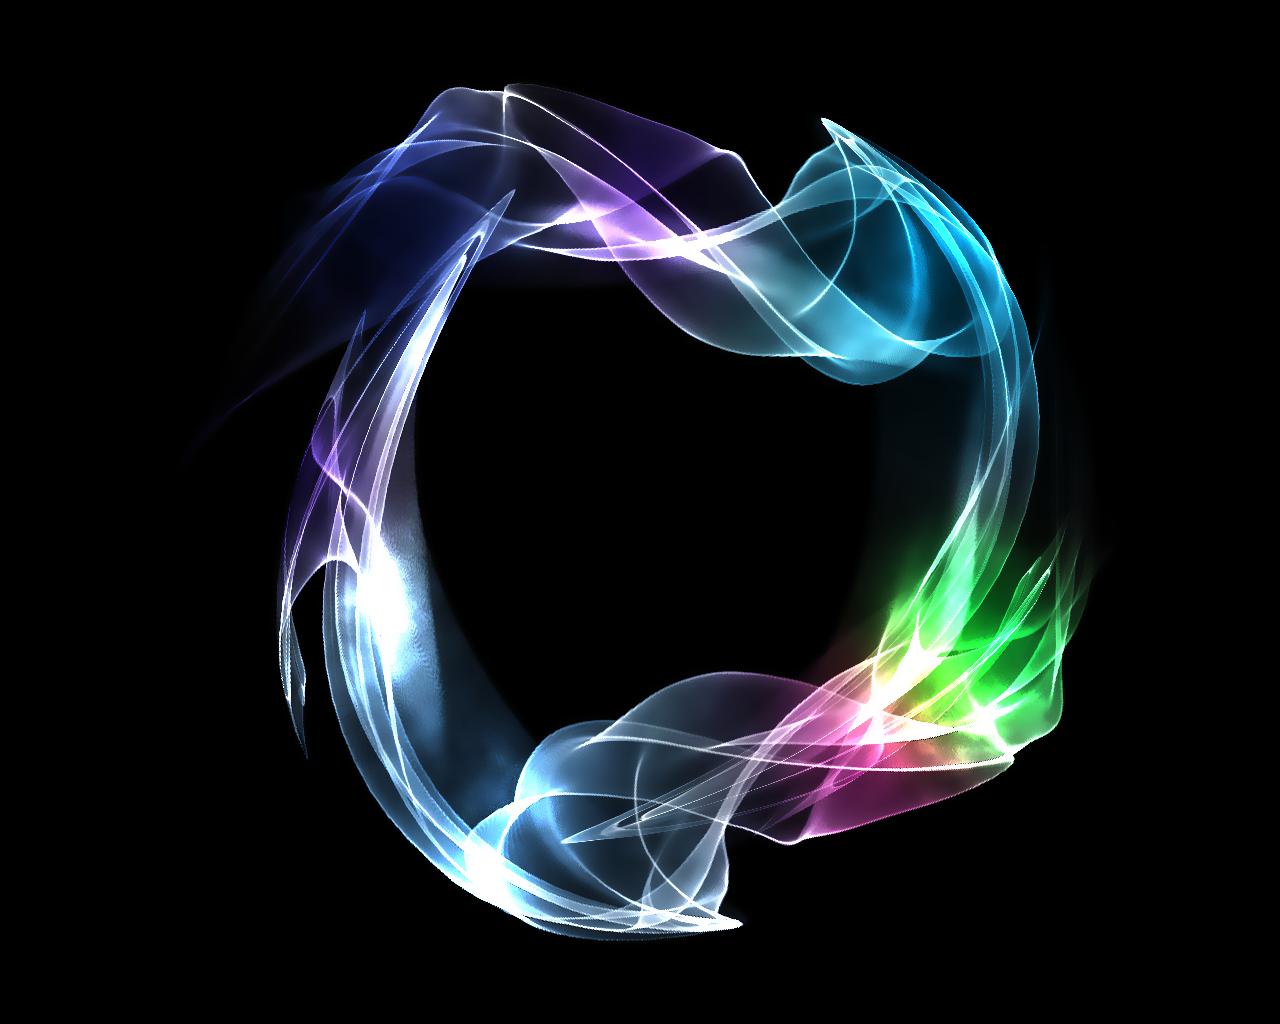 Ring Of Fire Iv Epub